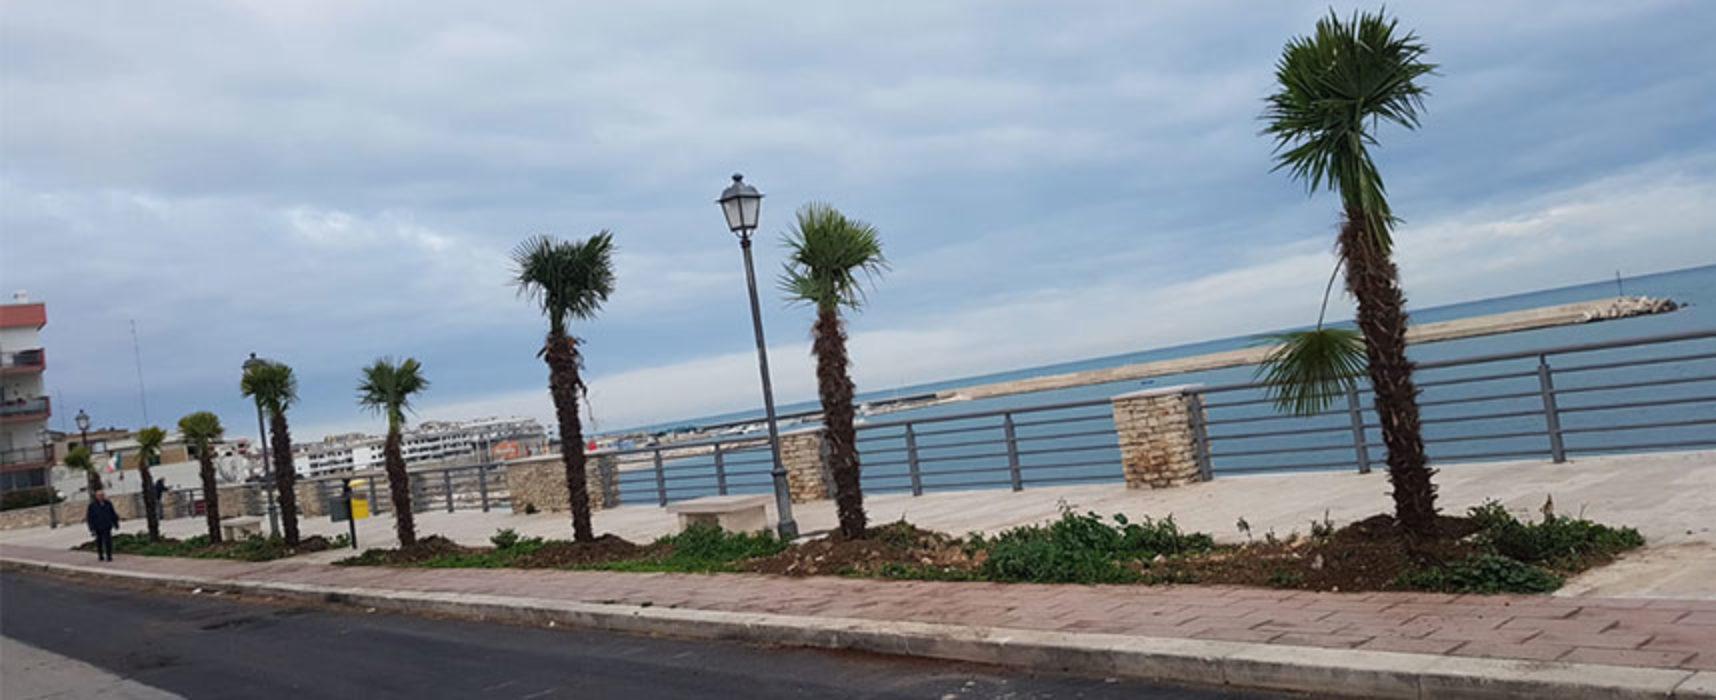 """Angarano: """"Continua rivoluzione verde, da giugno piantate 360 palme in tutta la città"""" / FOTO"""